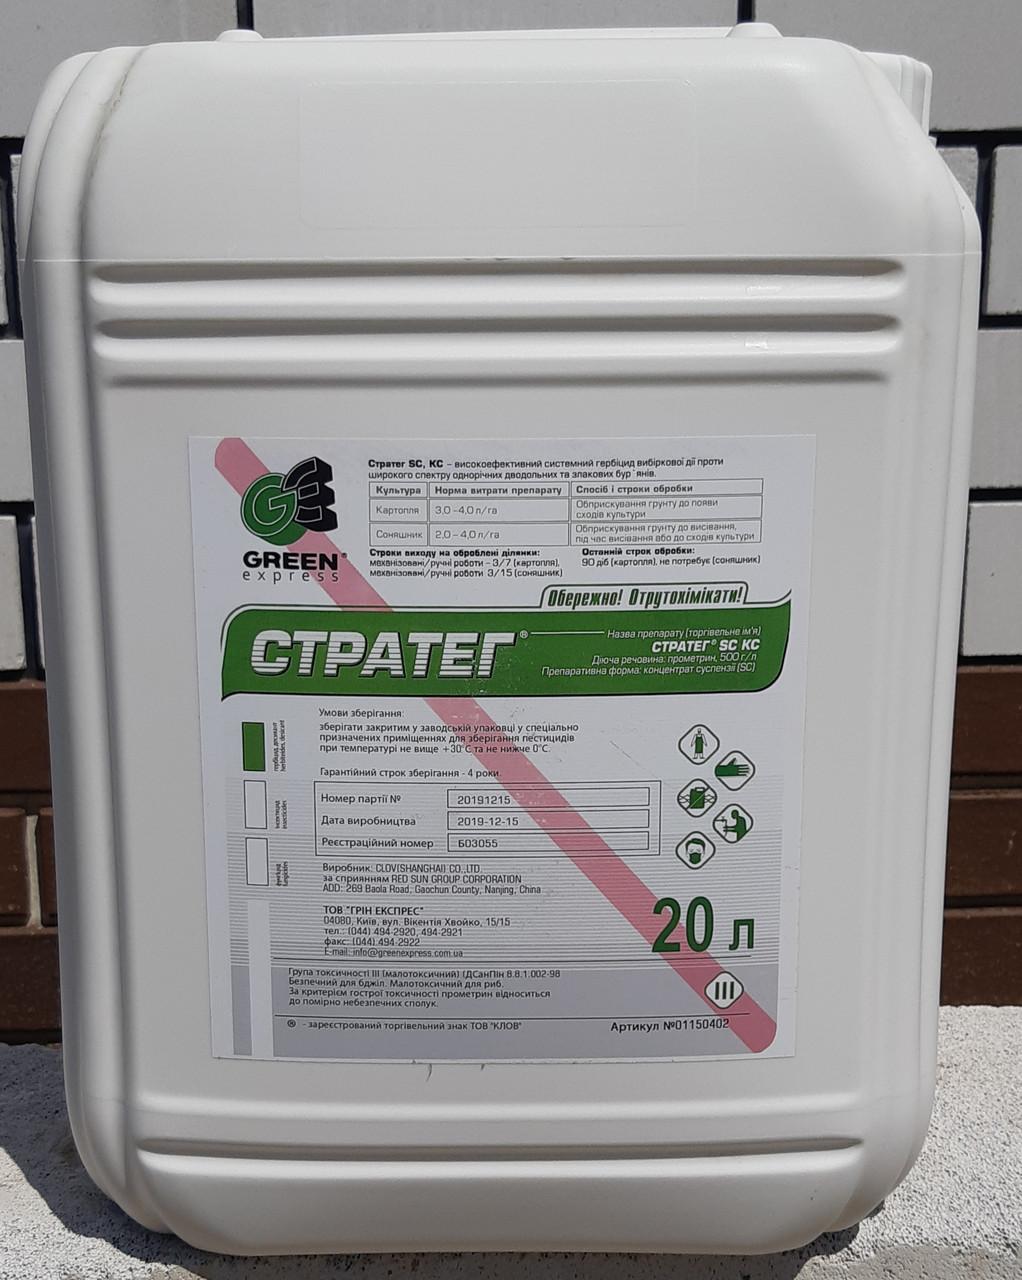 Стратег SC, КС (Прометрин, 50 г/л), 20 л